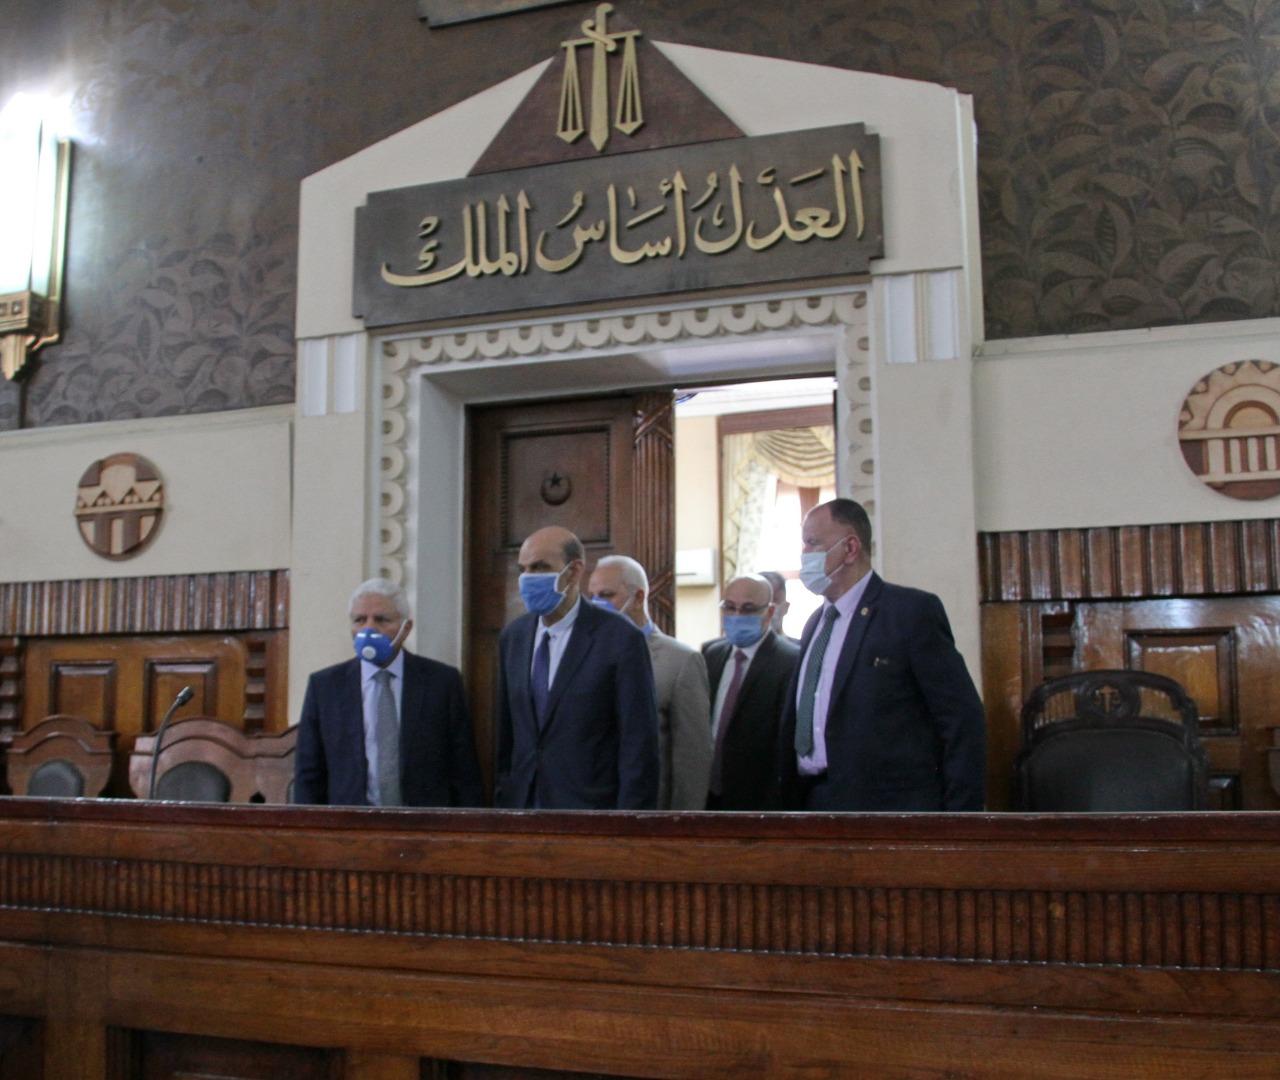 رئيس محكمة النقض يتفقد سير العمل بالمحكمة (9)